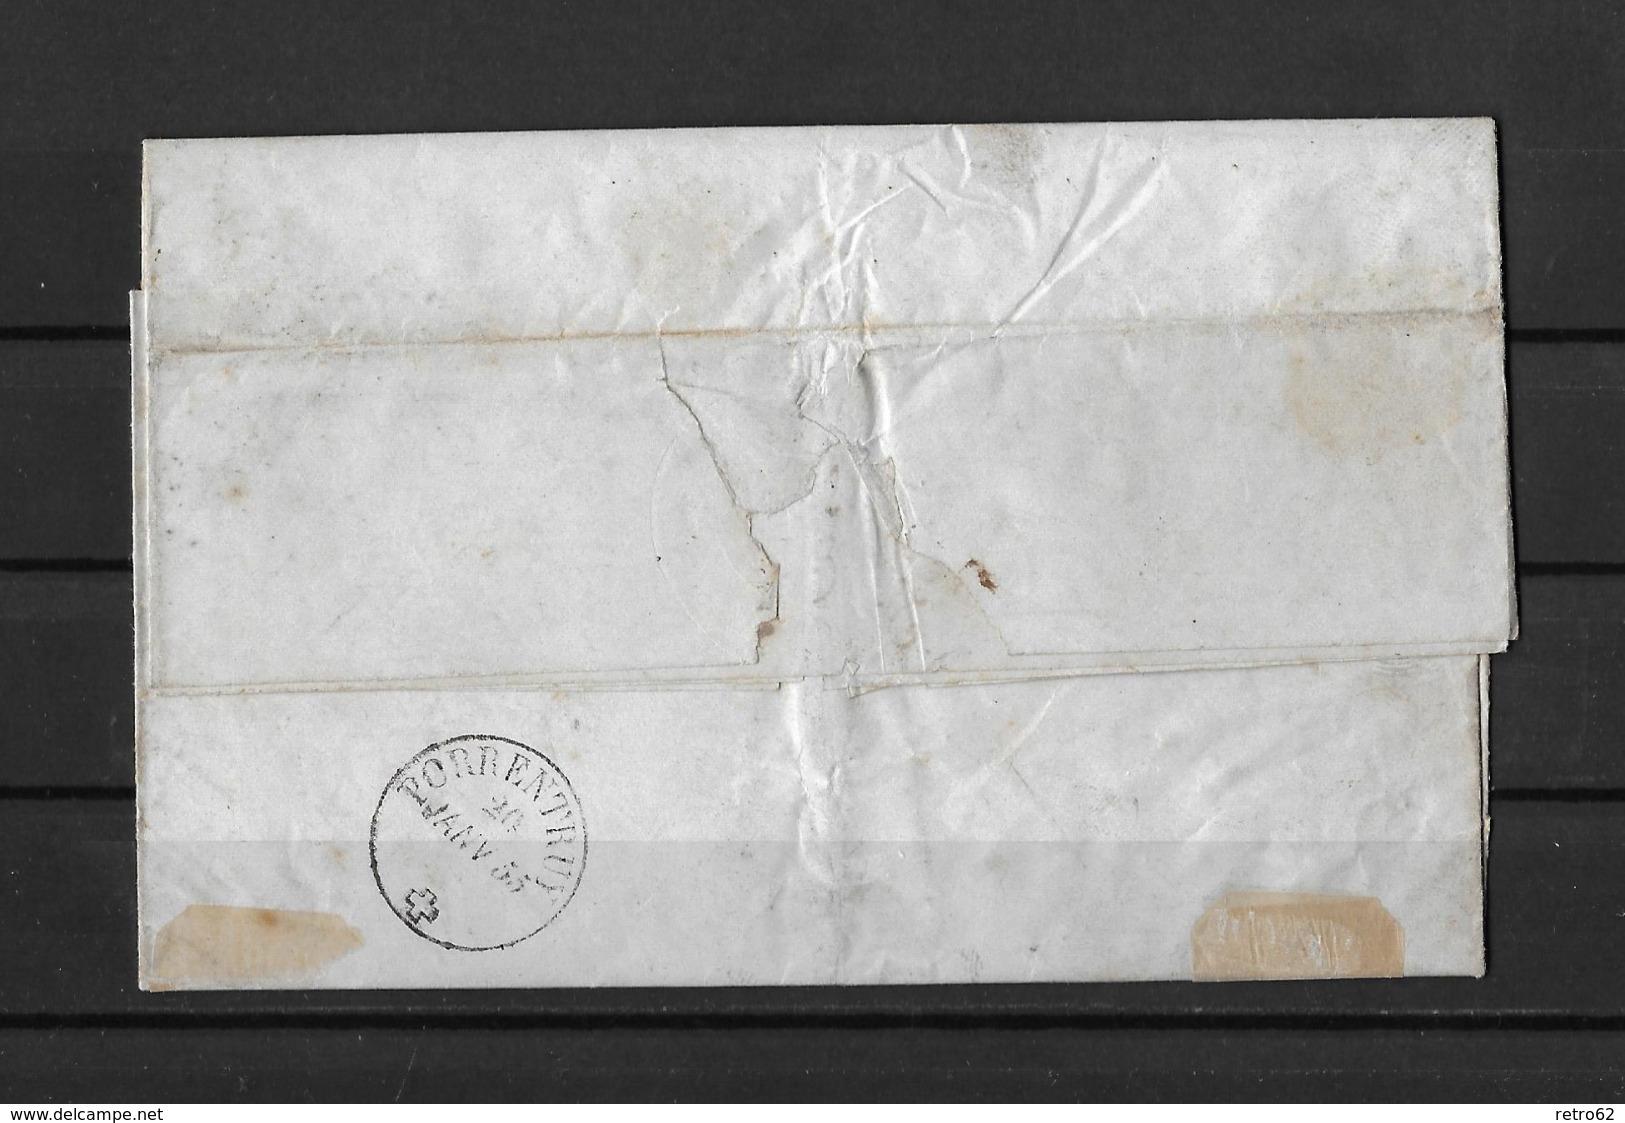 1854-1862 Helvetia (ungezähnt) → 1854 Faltbrief Laufen Nach Porrentruy    ►SBK-22A1 /zwei Einzelmarken ►Attest Renggli◄ - 1854-1862 Helvetia (Non-dentelés)